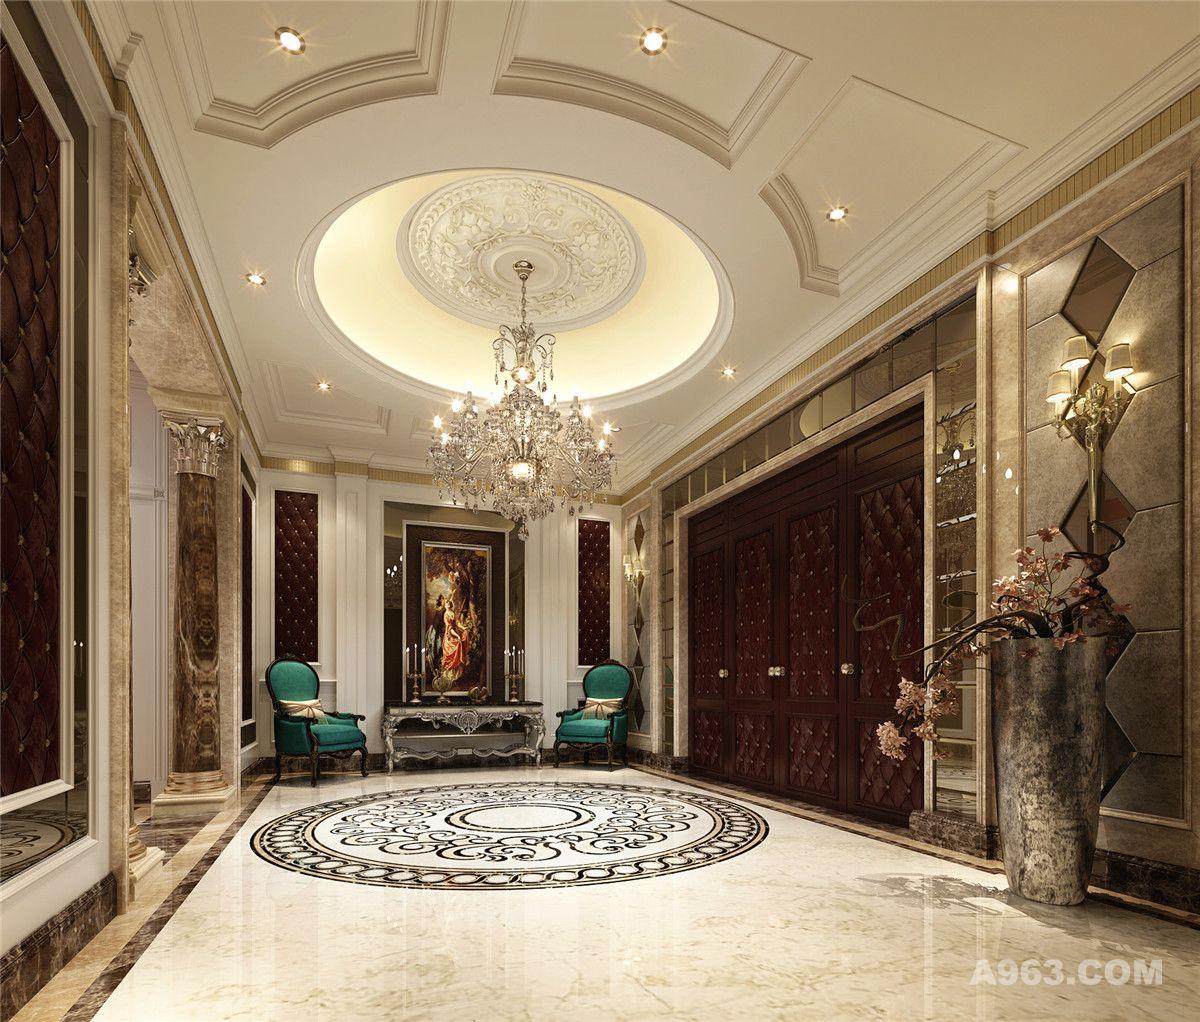 伊顿别墅会所装修设计欧式古典风格设计方案,腾龙别墅设计师刘真桢